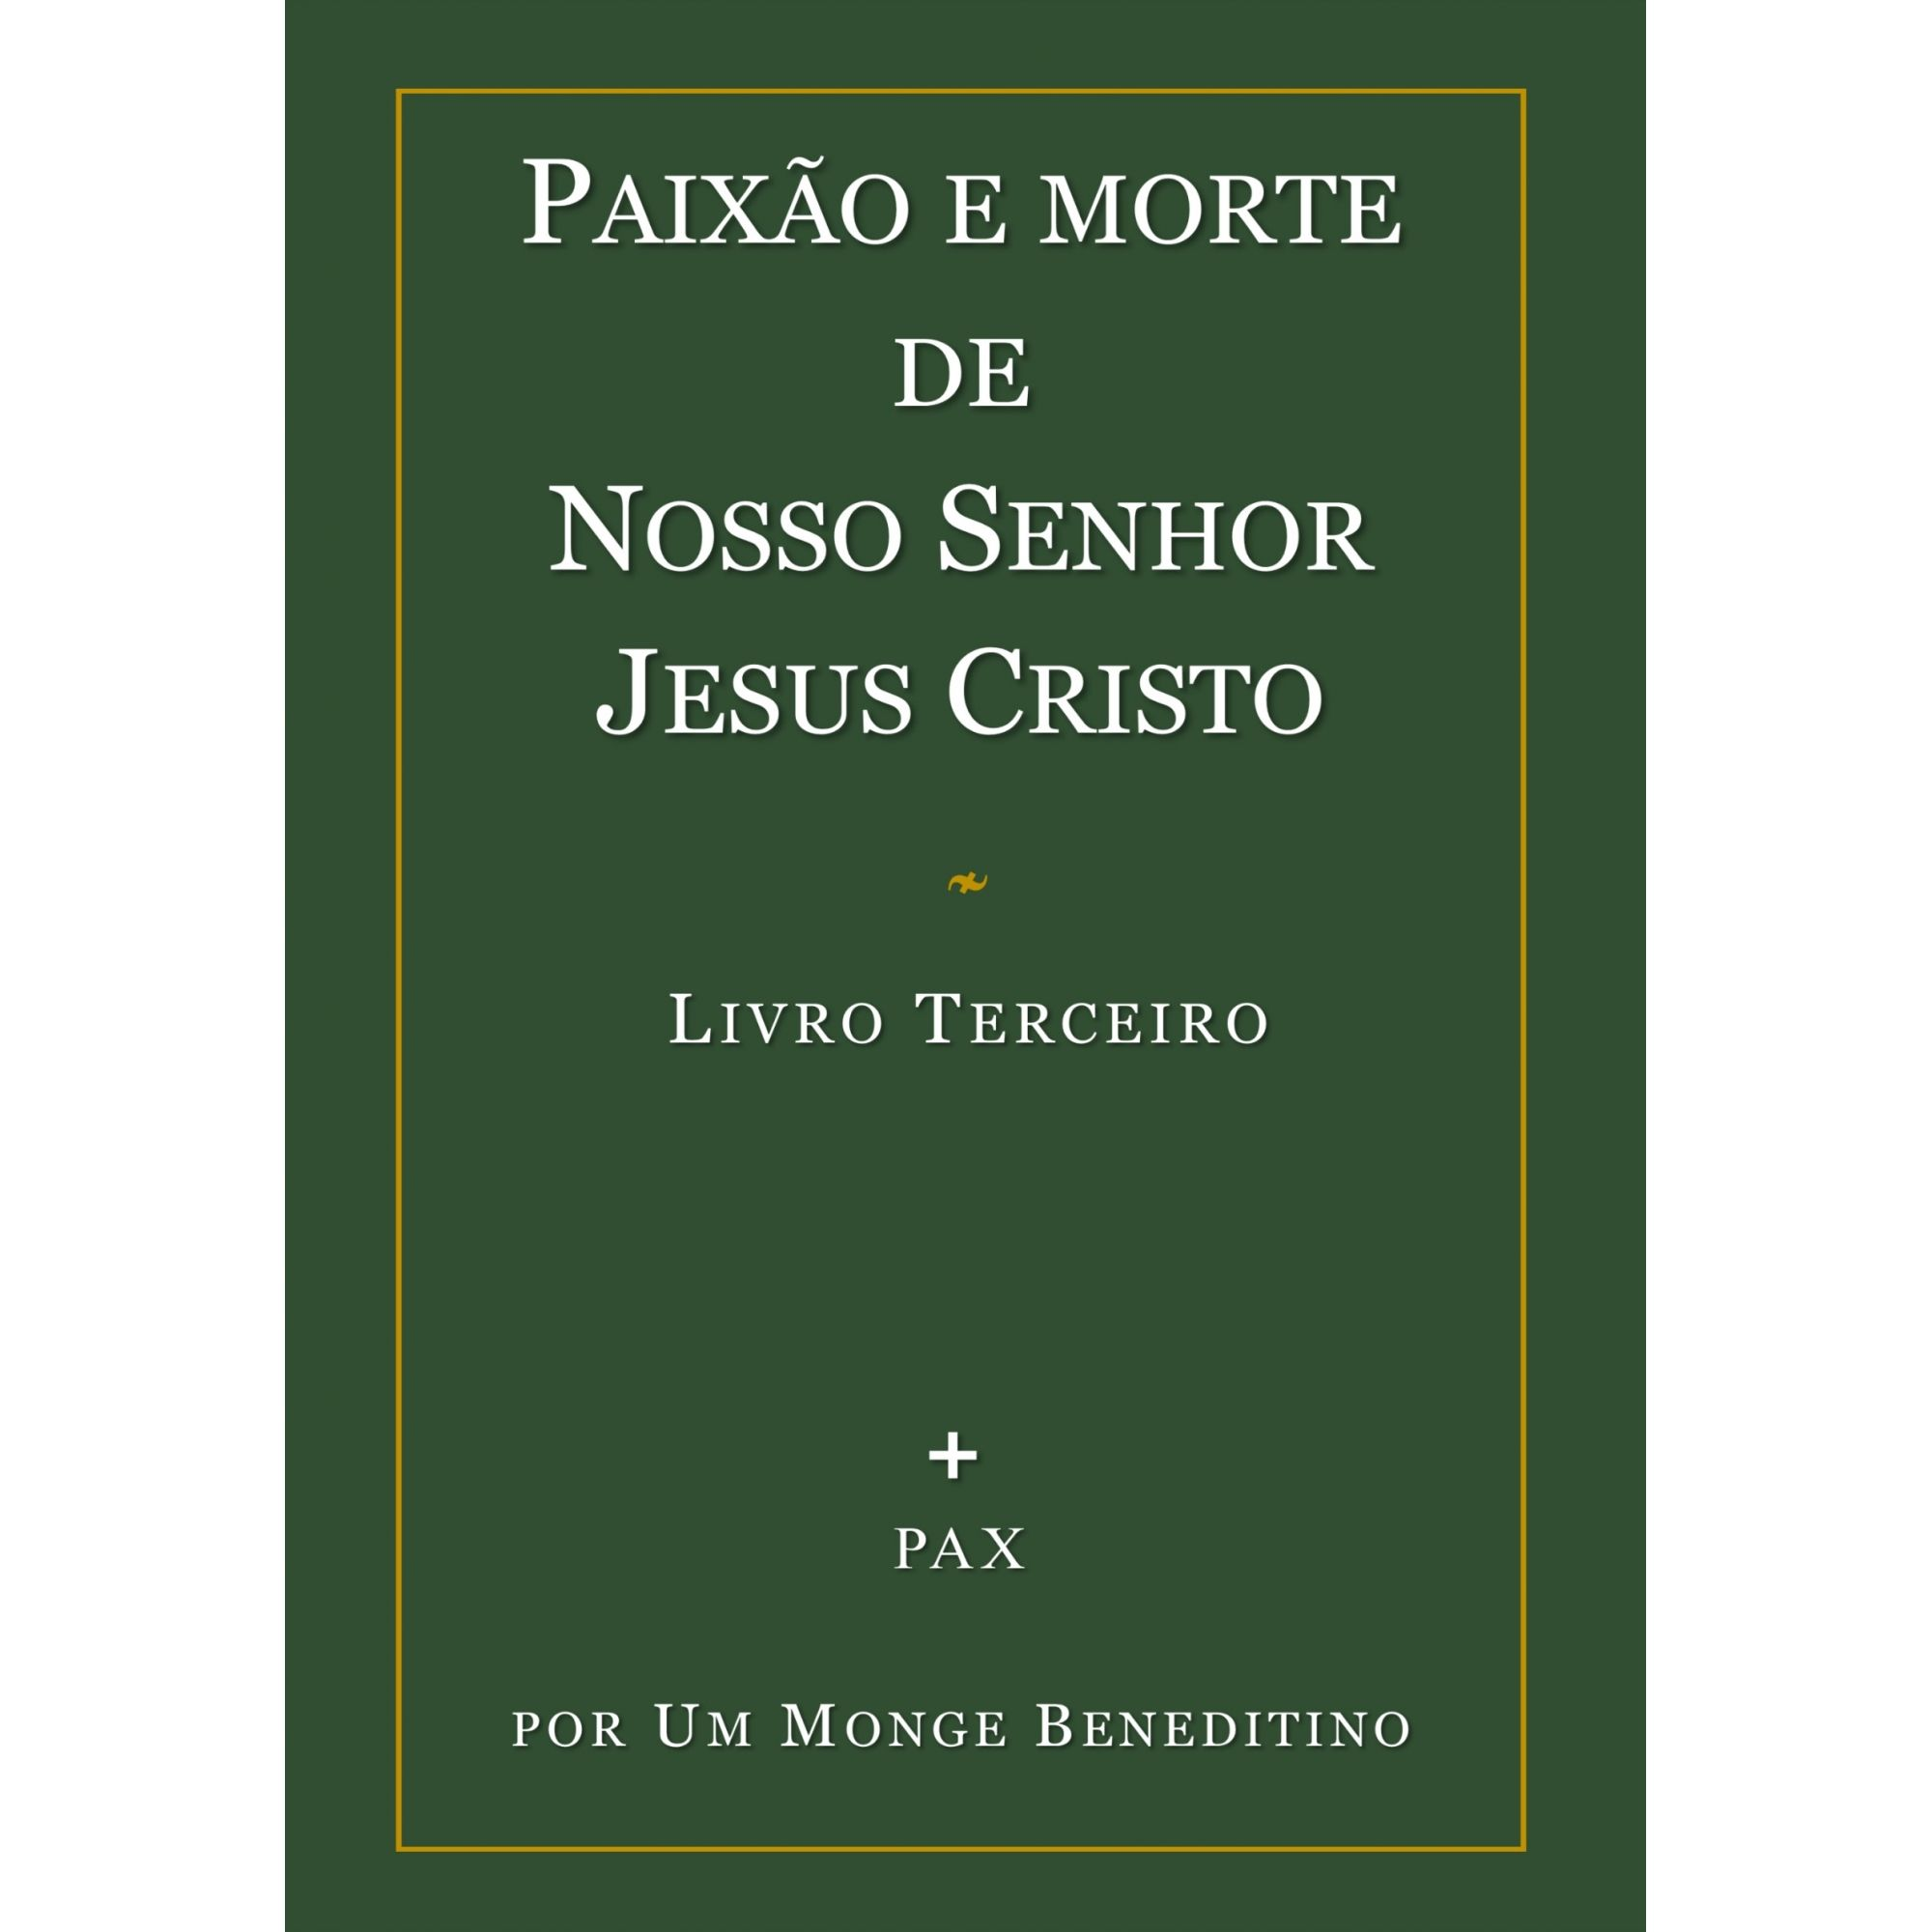 Paixão e Morte de Nosso Senhor Jesus Cristo - Livro III  - Livraria Santa Cruz